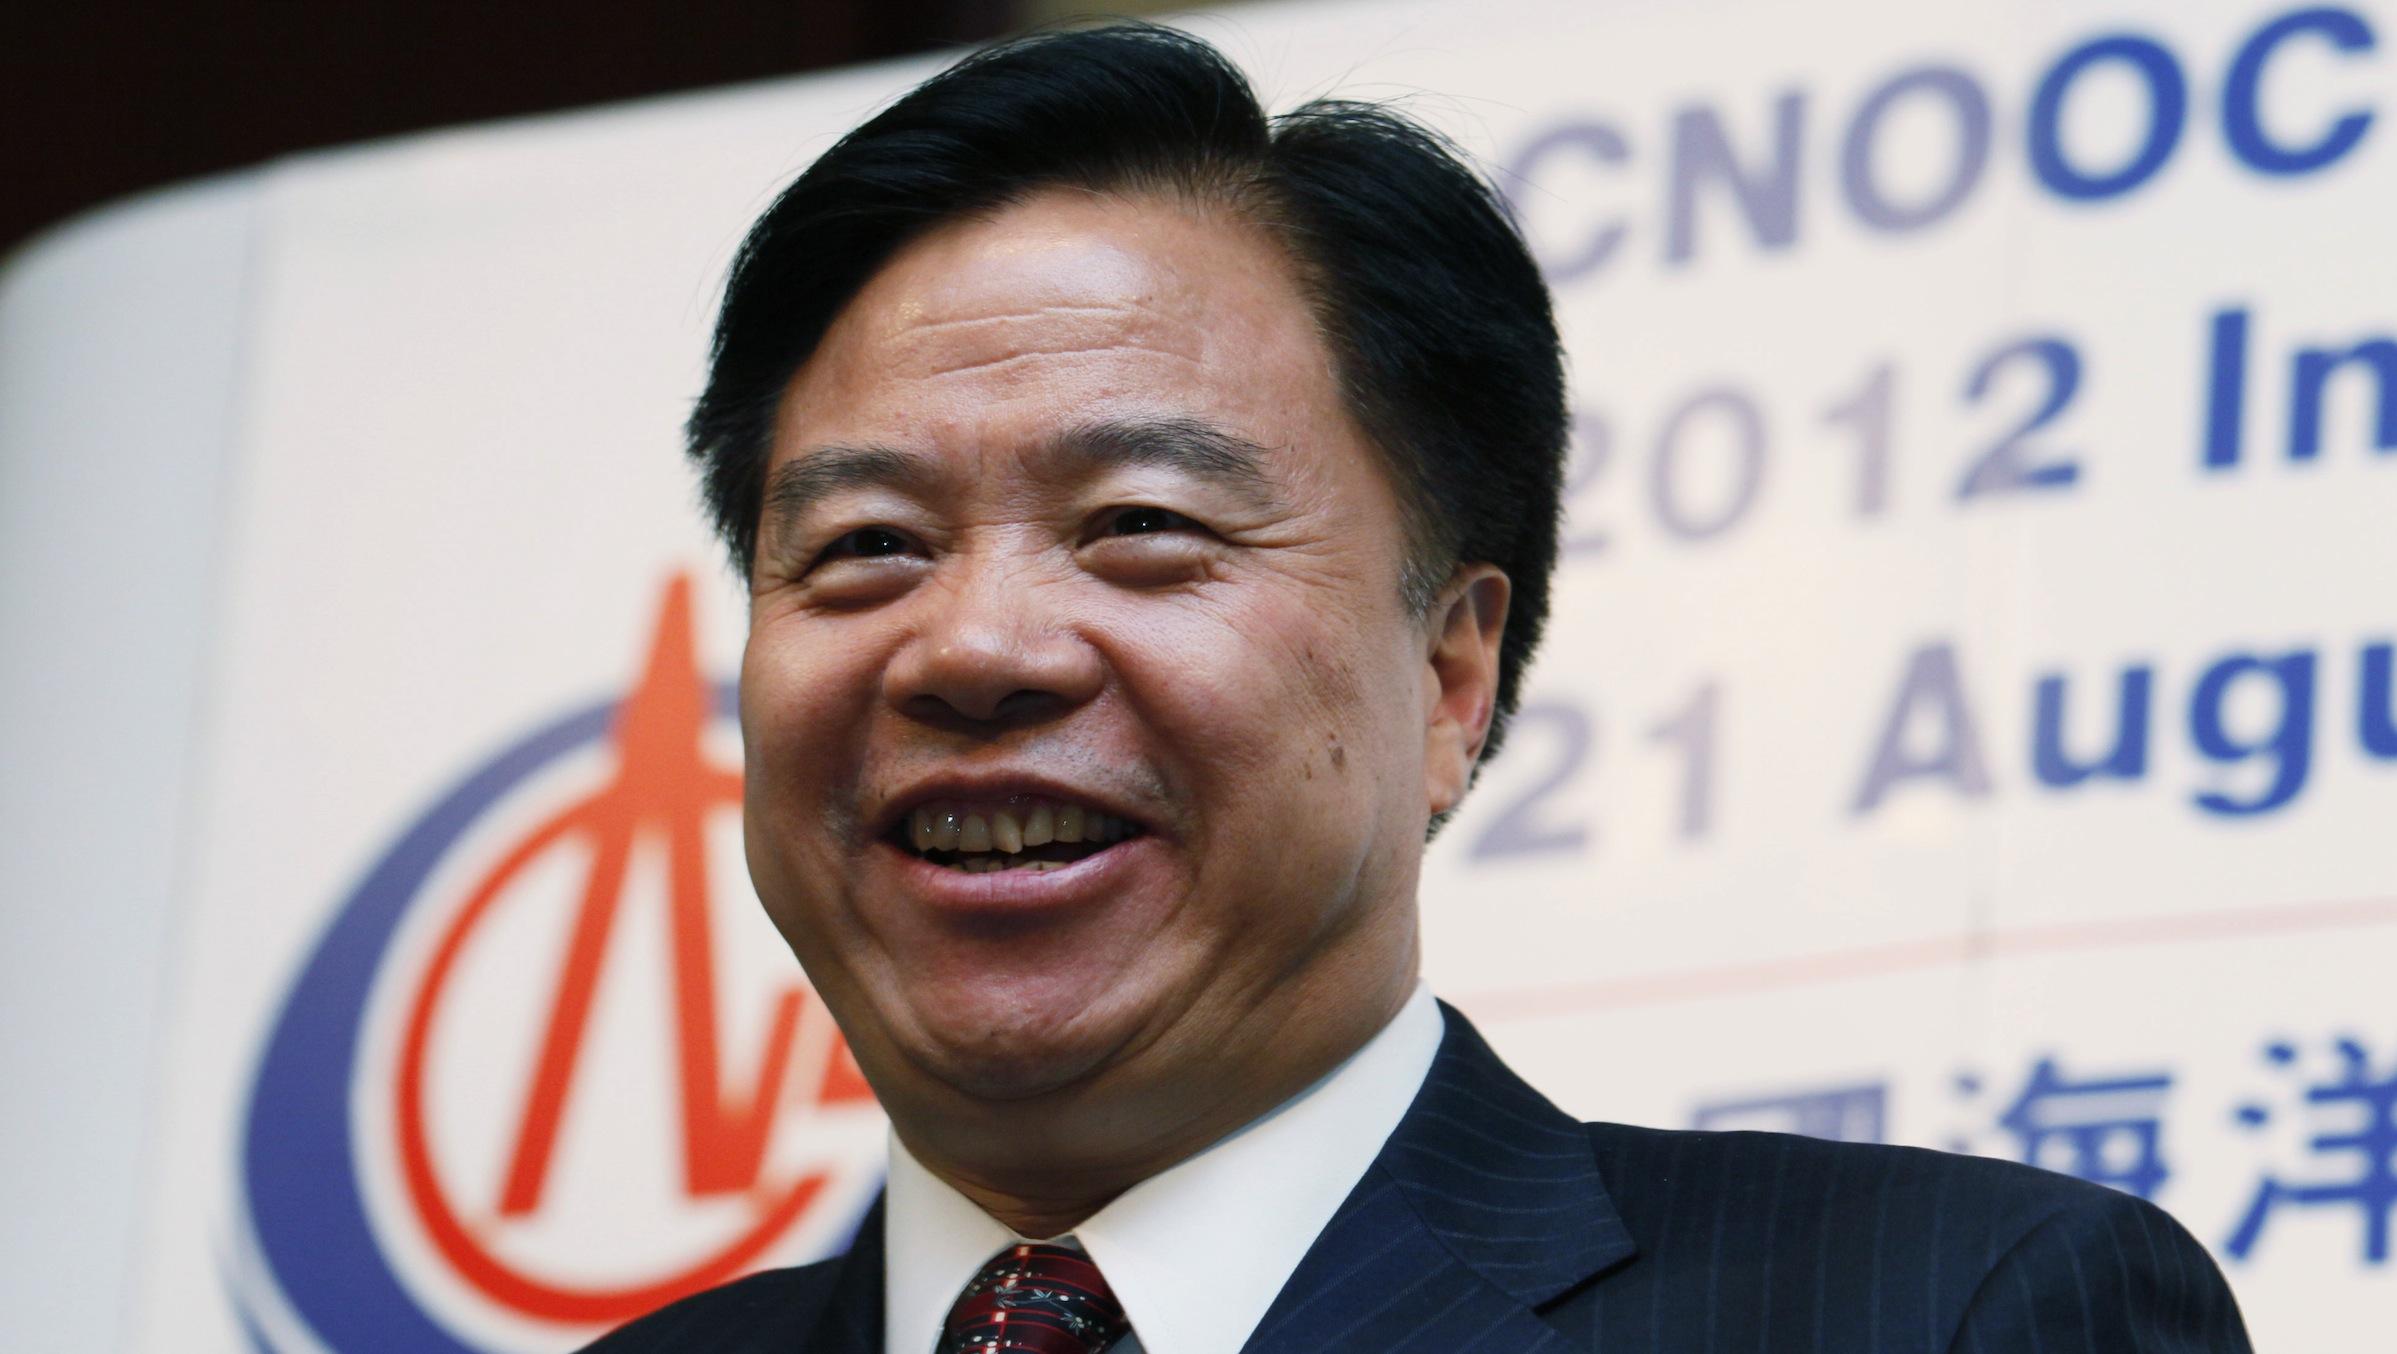 CNOOC Wang Yilin